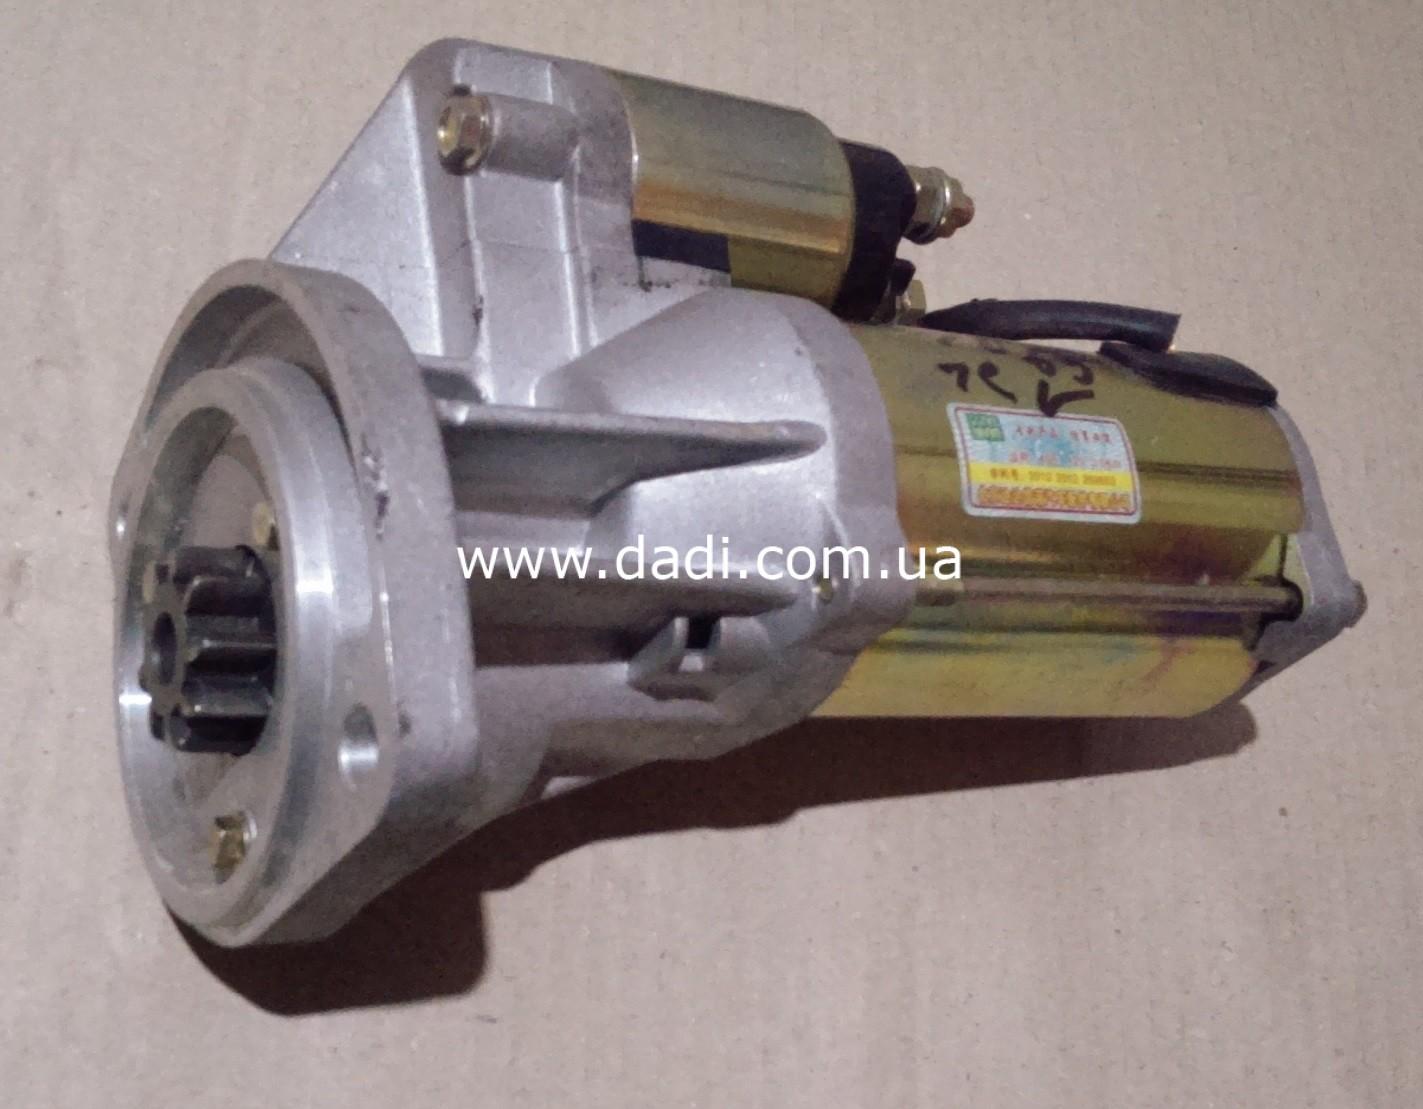 Стартер Polarsun 2,7D 3kW 12V (Z=9, S=10)/ стартер Polarsun 2,7D-487